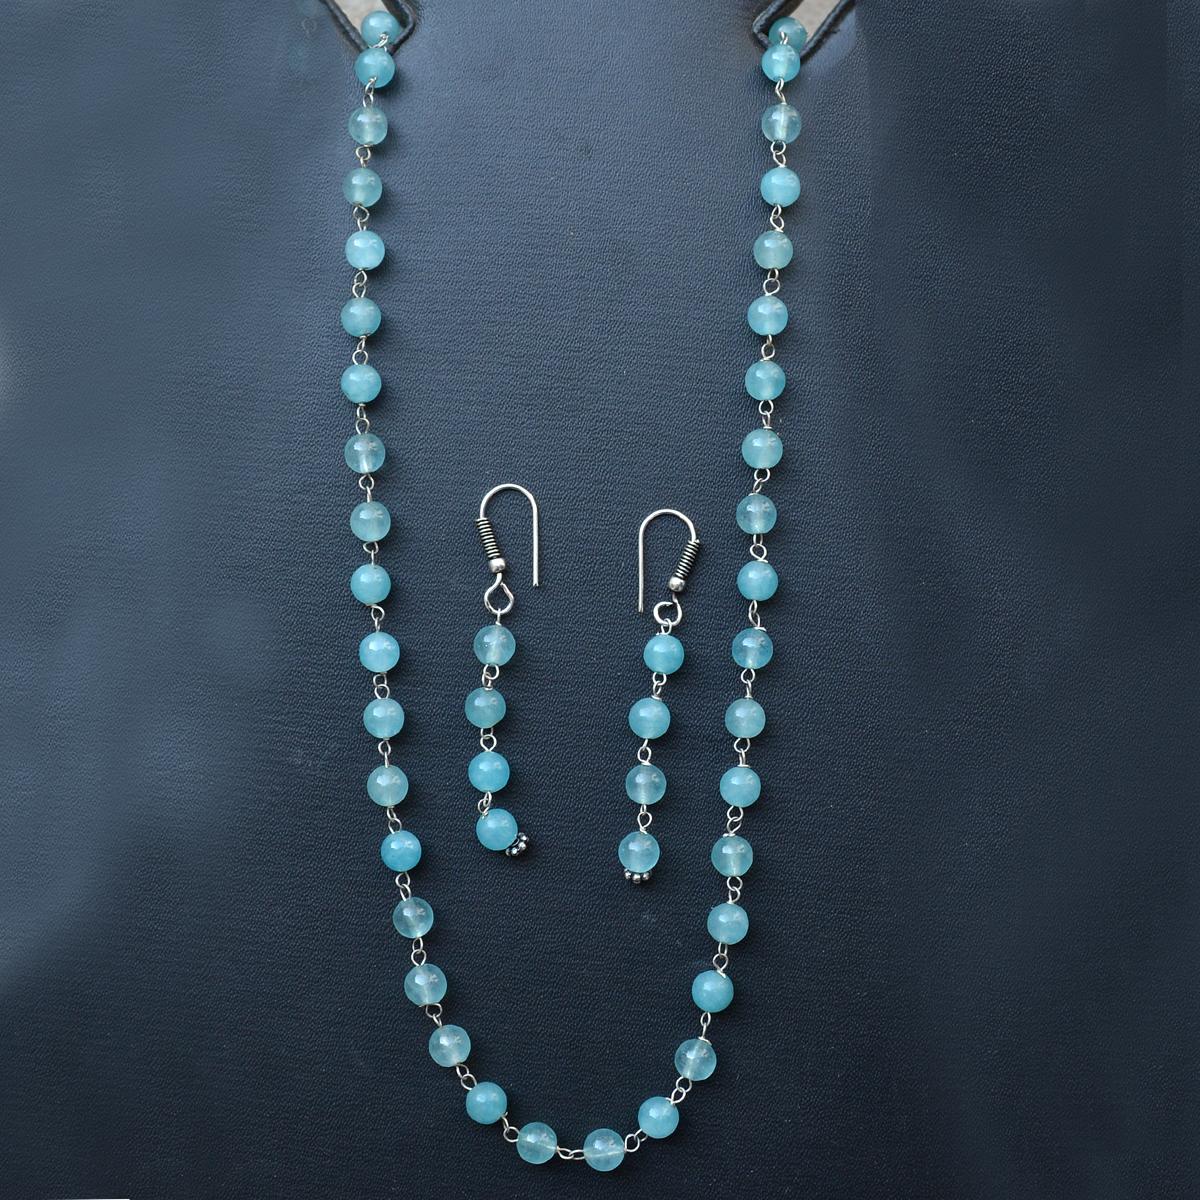 Sea Blue Quartz Silver Necklace Set PG-156658